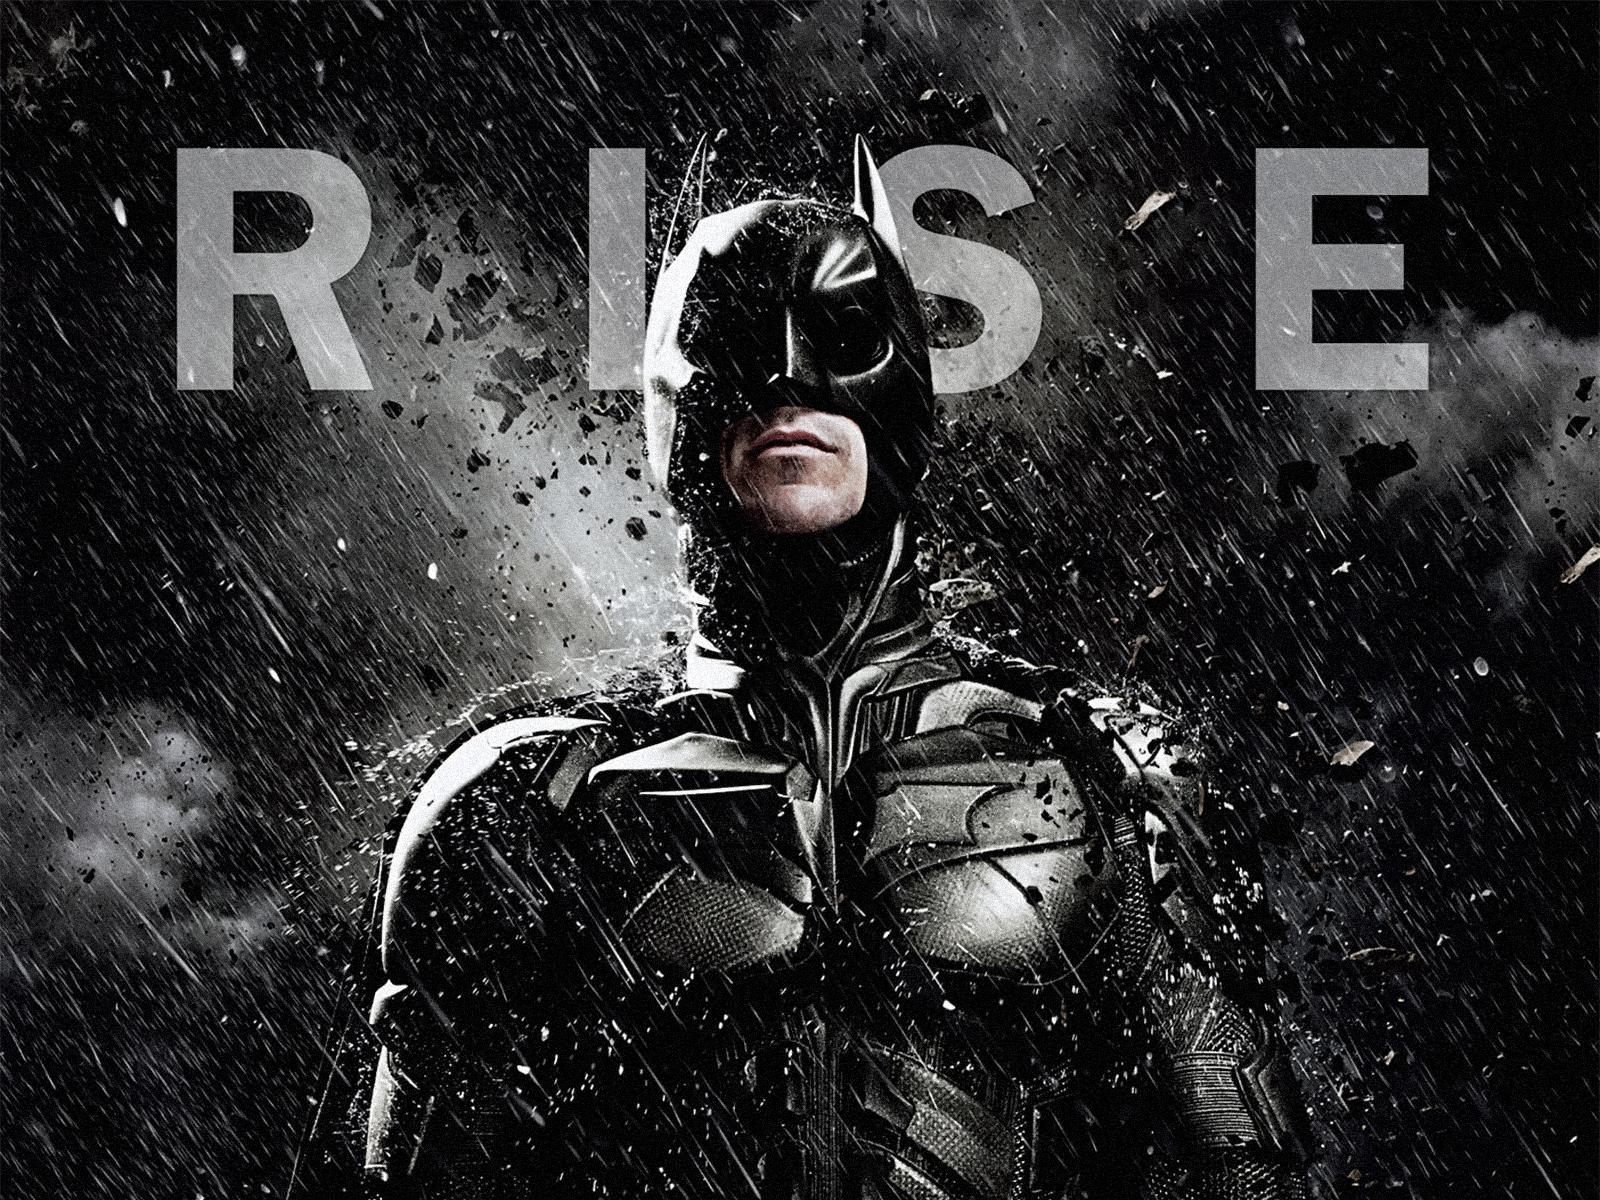 batman the dark knight rises wallpaper free download